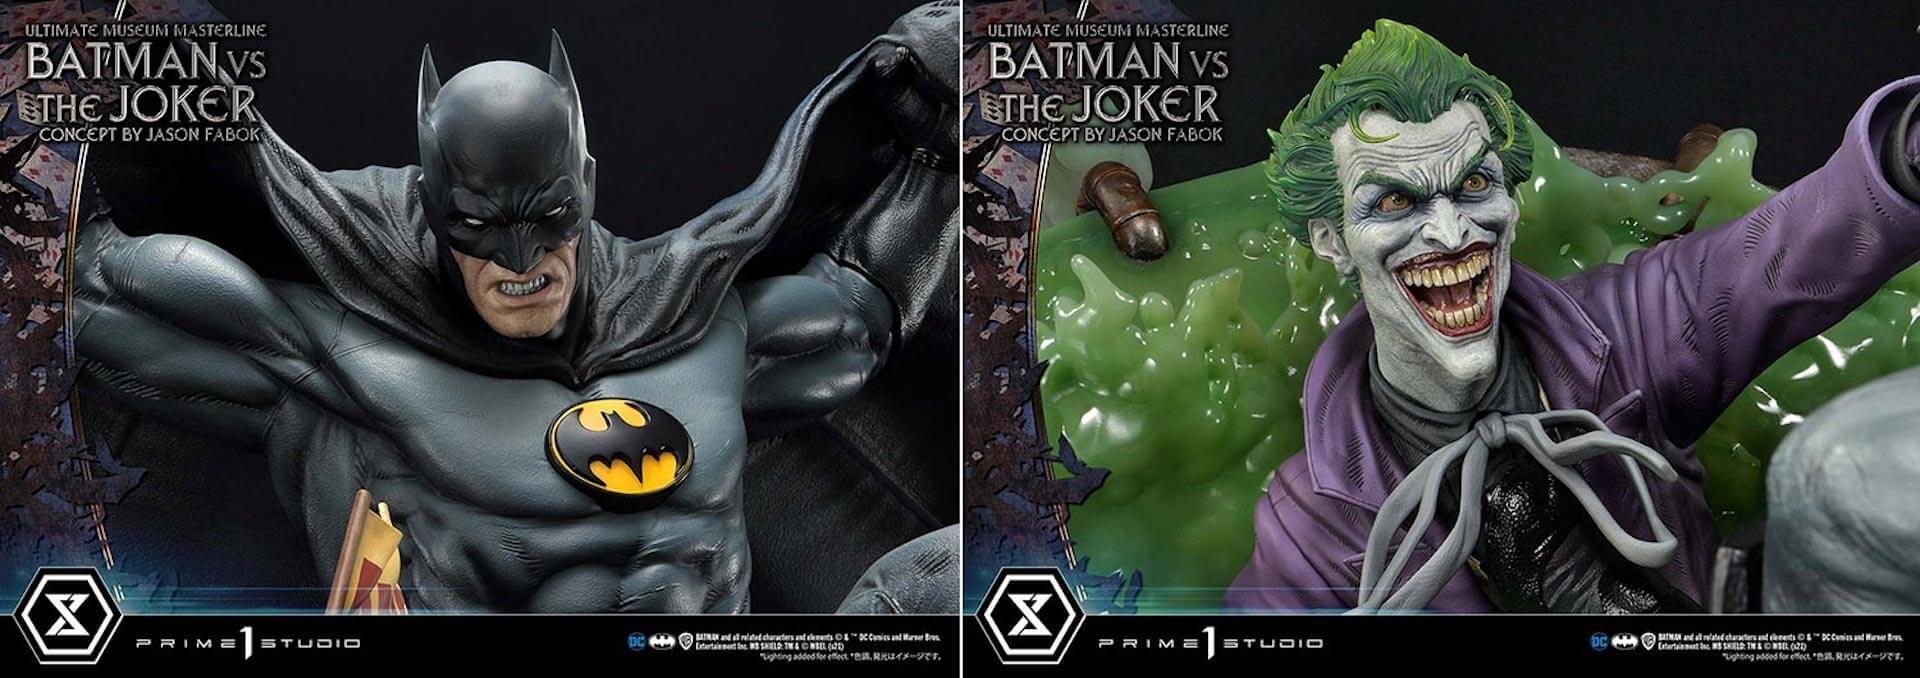 """バットマンとジョーカーによる永遠の戦いがフィギュアに!「バットマンVSジョーカー """"コンセプト by ジェイソン・ファボック""""」が予約受付スタート art211007_batman_joker_figure_7"""